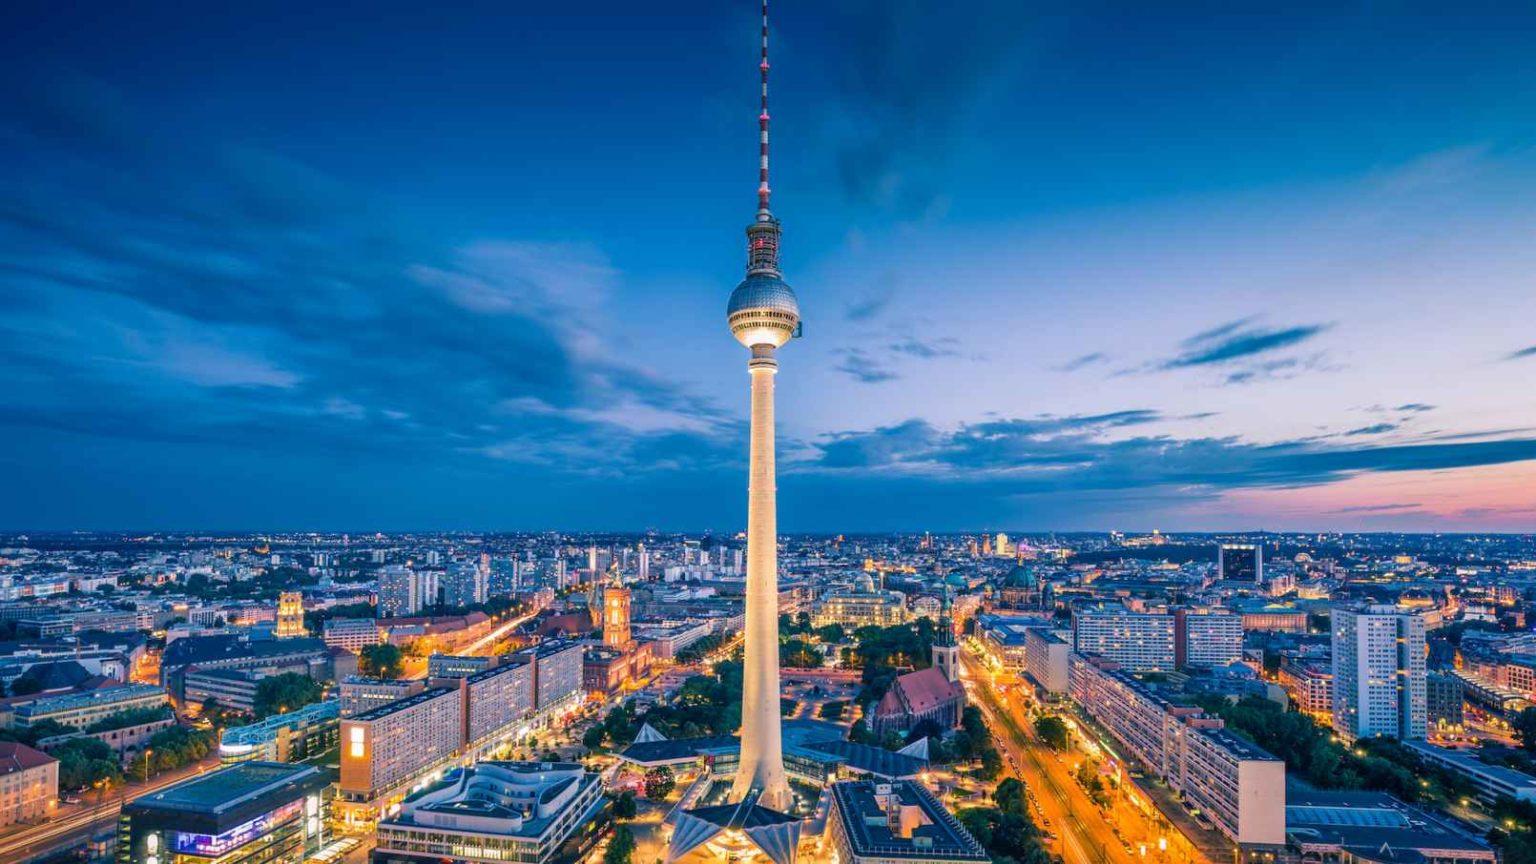 background thành phố đẹp hiện đại cho iphone